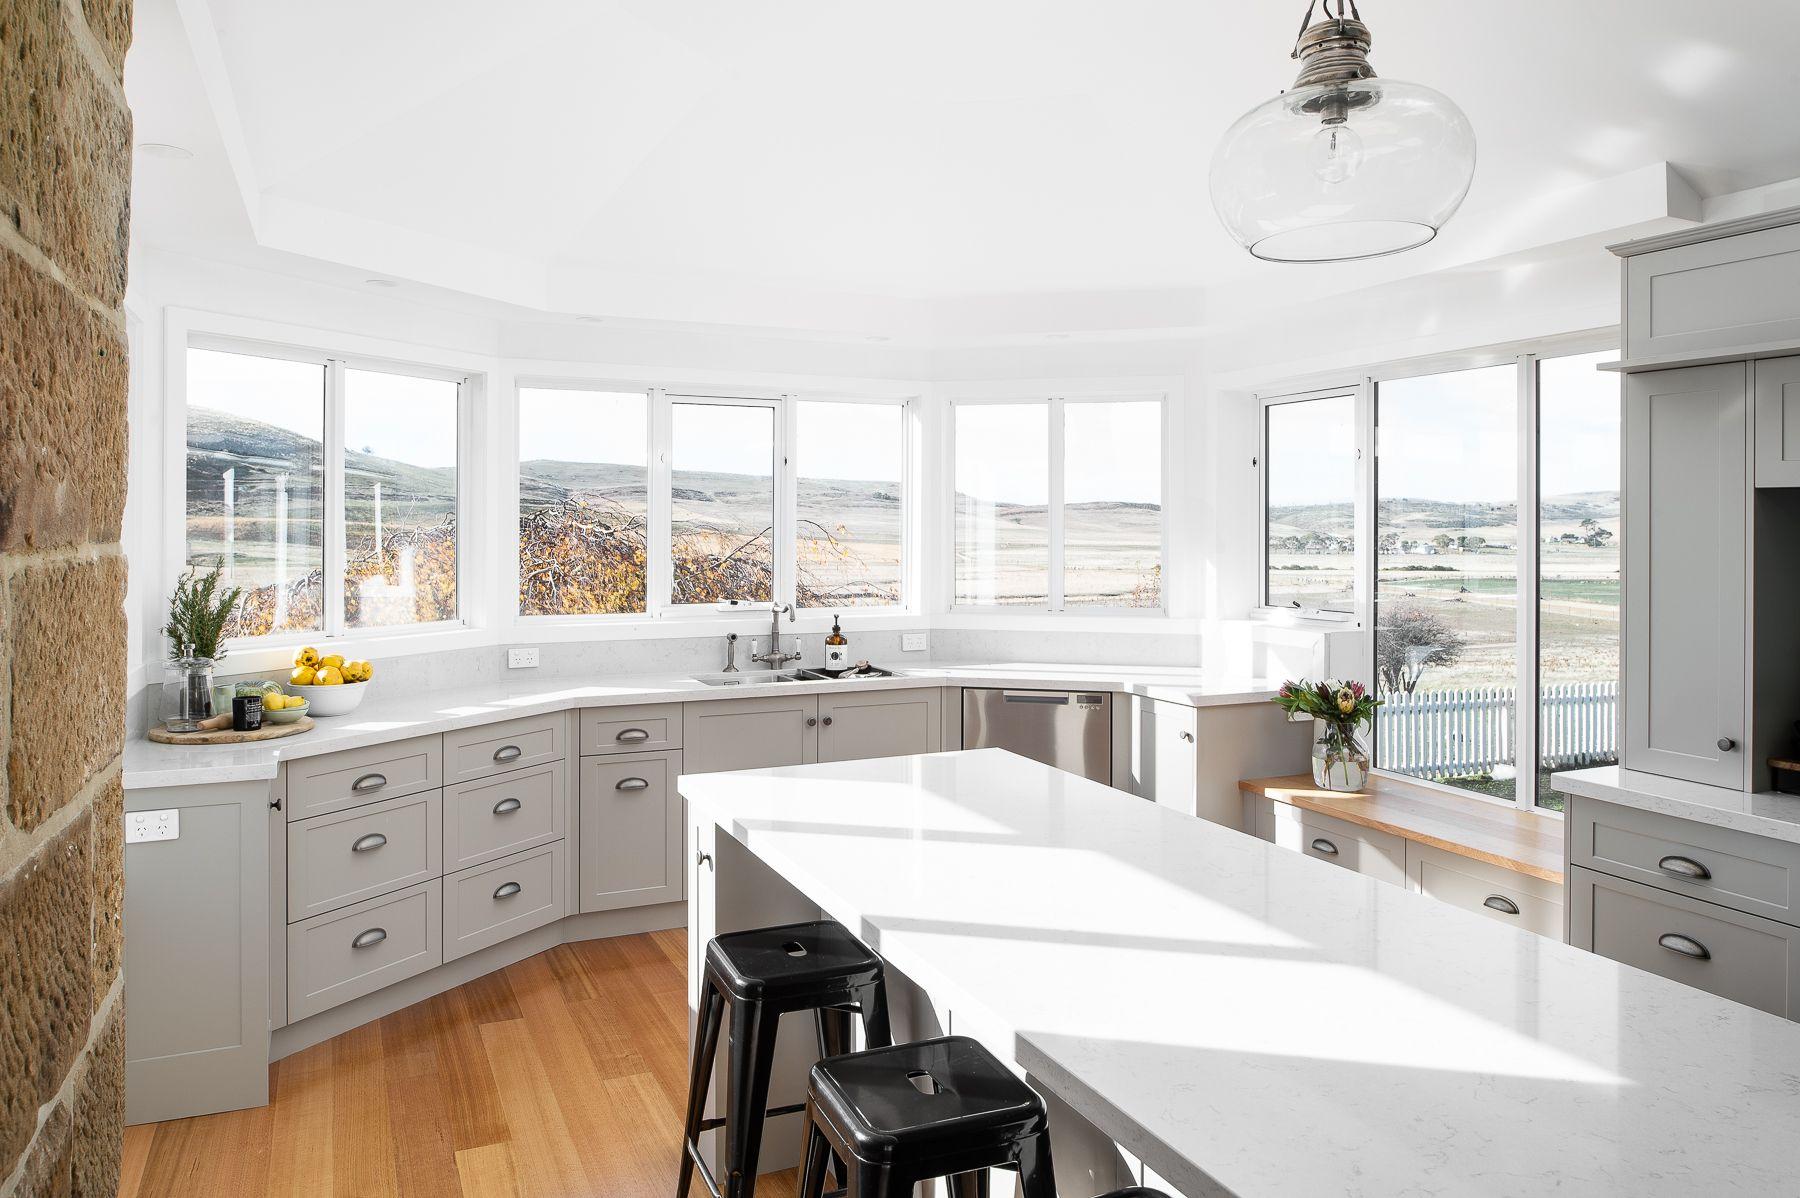 Home Kitchen Design Kitchen Renovation Kitchen Style